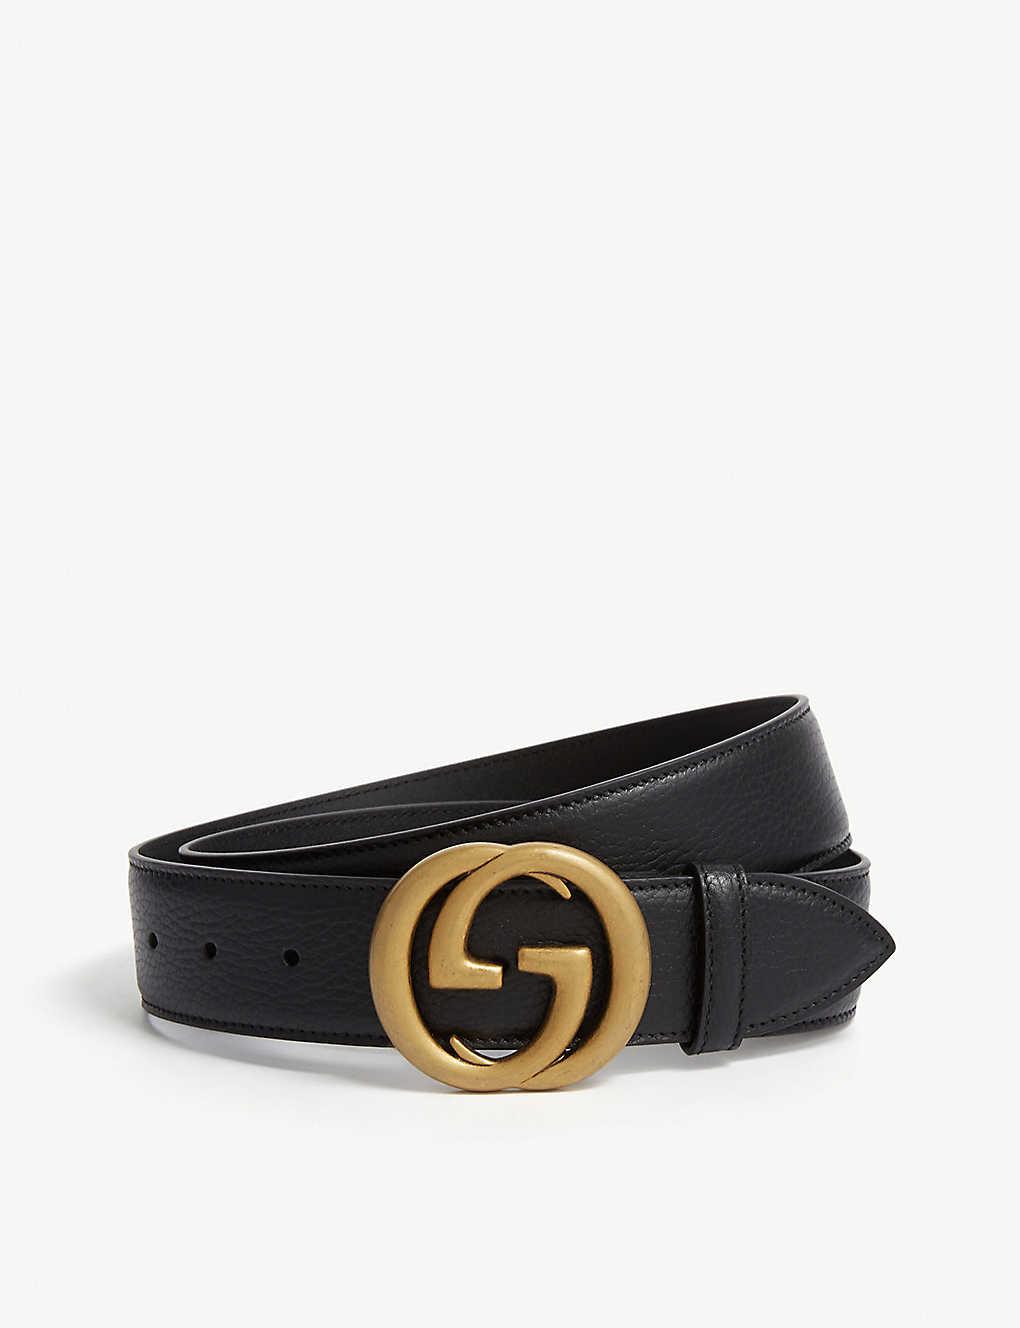 5b18f53fa GUCCI - GG belt | Selfridges.com